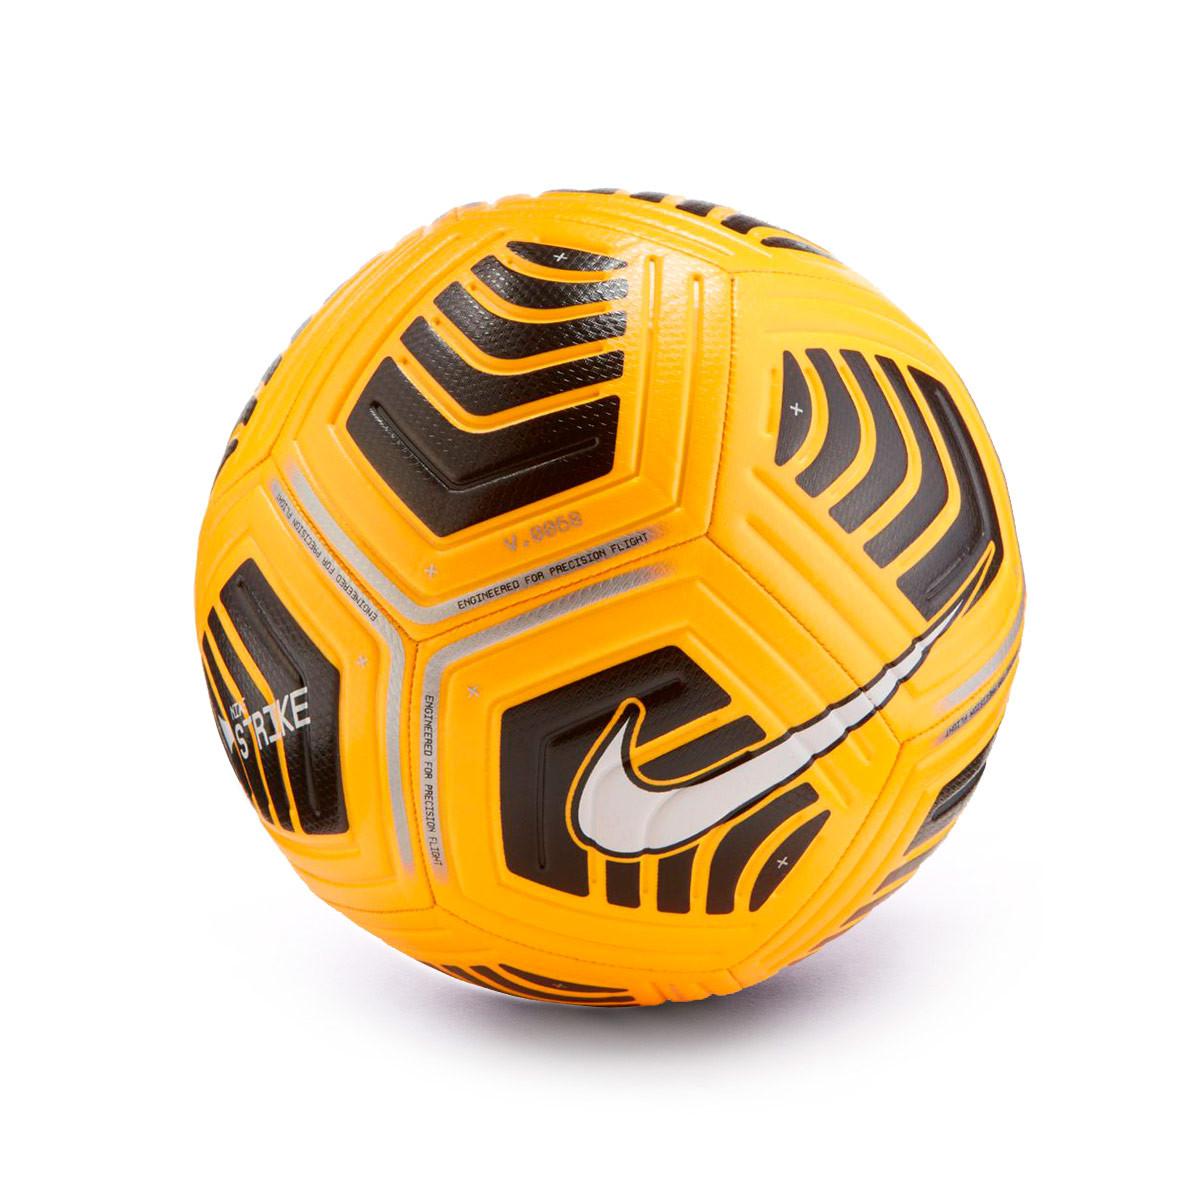 Pallone Nike Strike Laser Orange Black White Fútbol Emotion